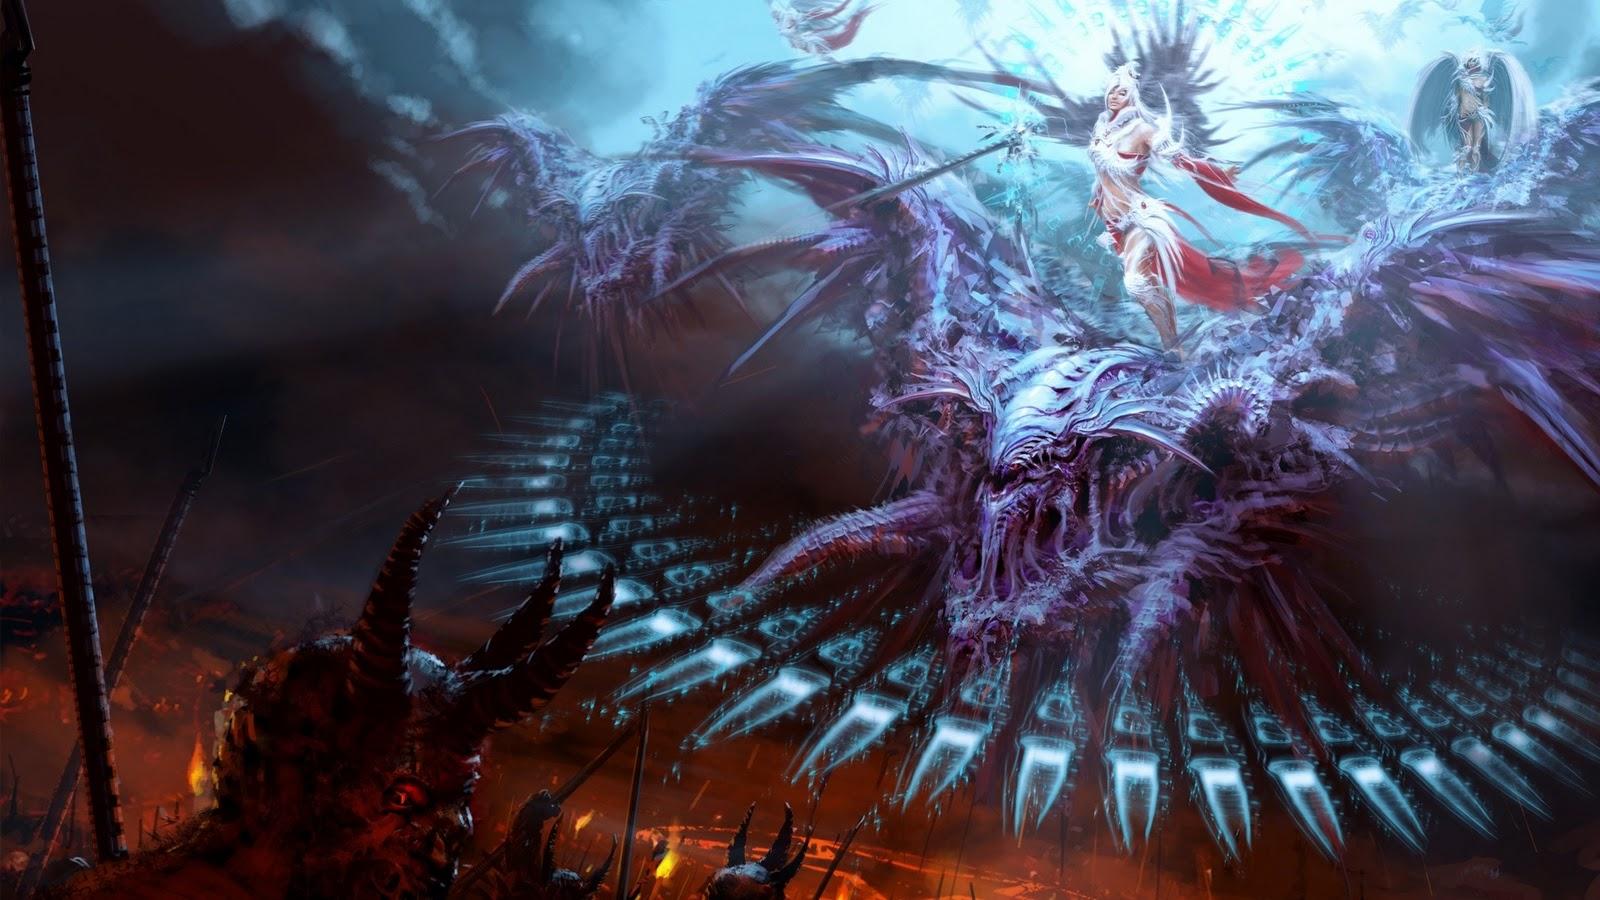 Wallpaper Hd Angels Demons Download Wallpaper DaWallpaperz 1600x900